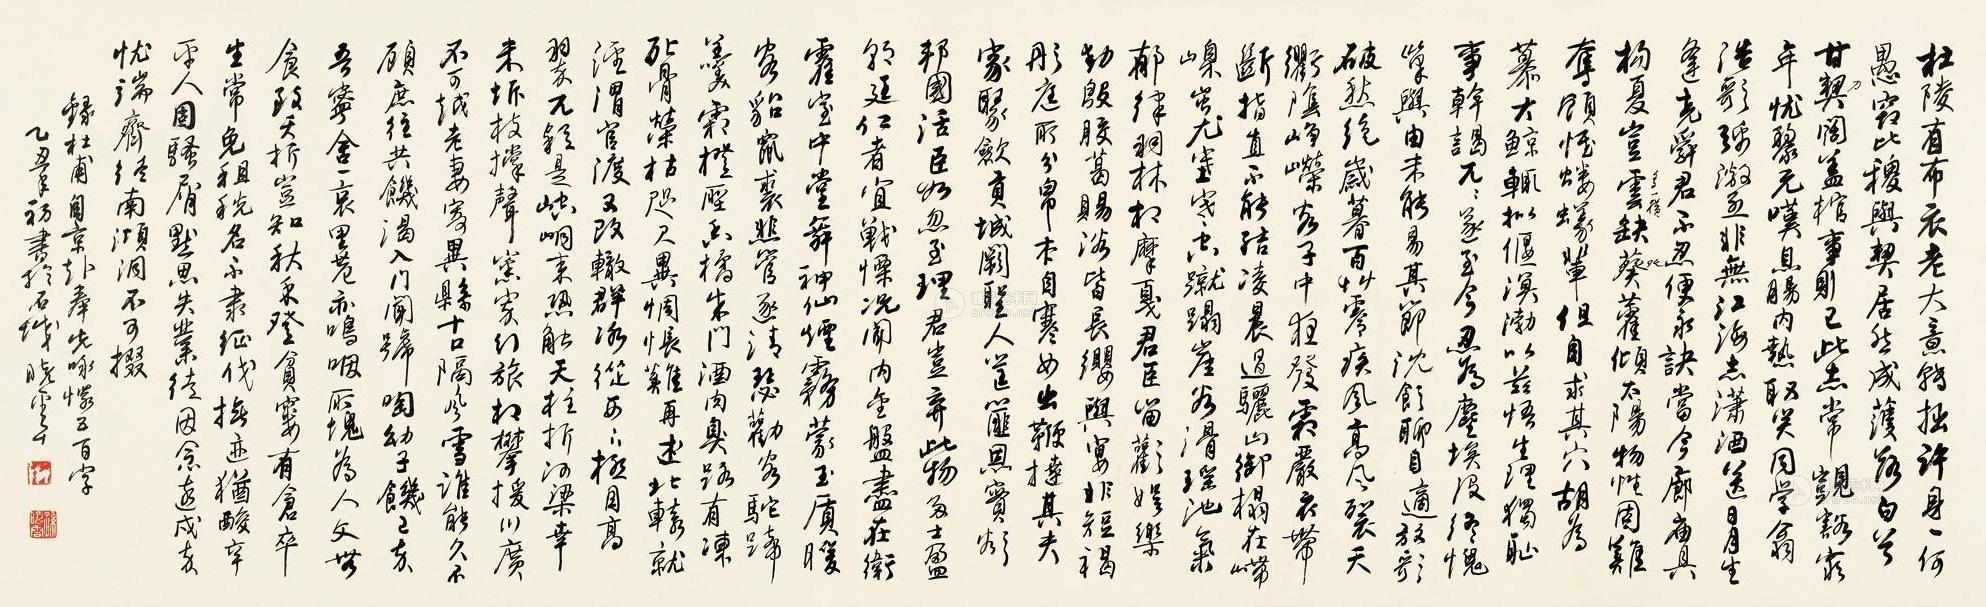 《自京赴奉先县咏怀五百字》杜甫唐诗注释翻译赏析